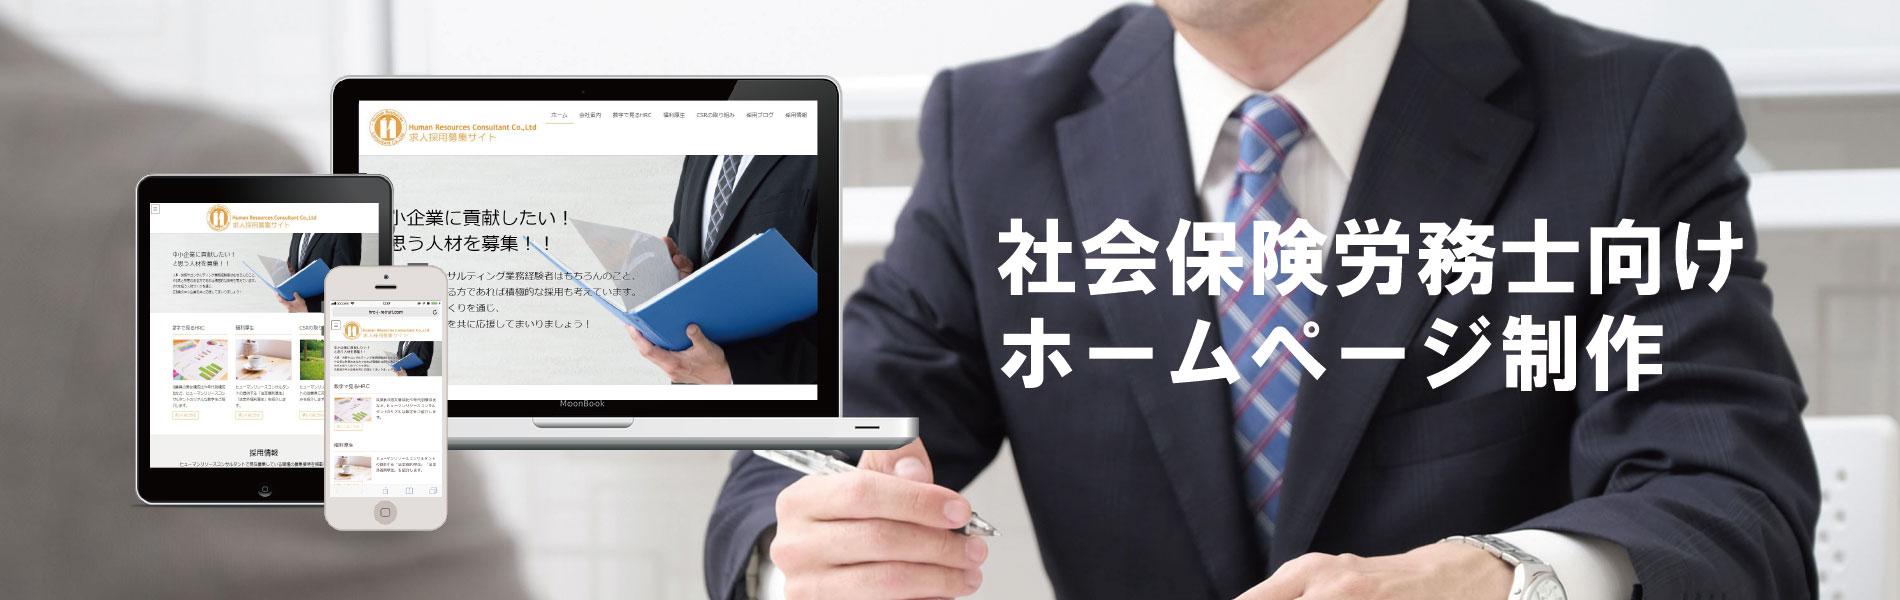 社会保険労務士法人・社労士事務所向けホームページ制作サービス